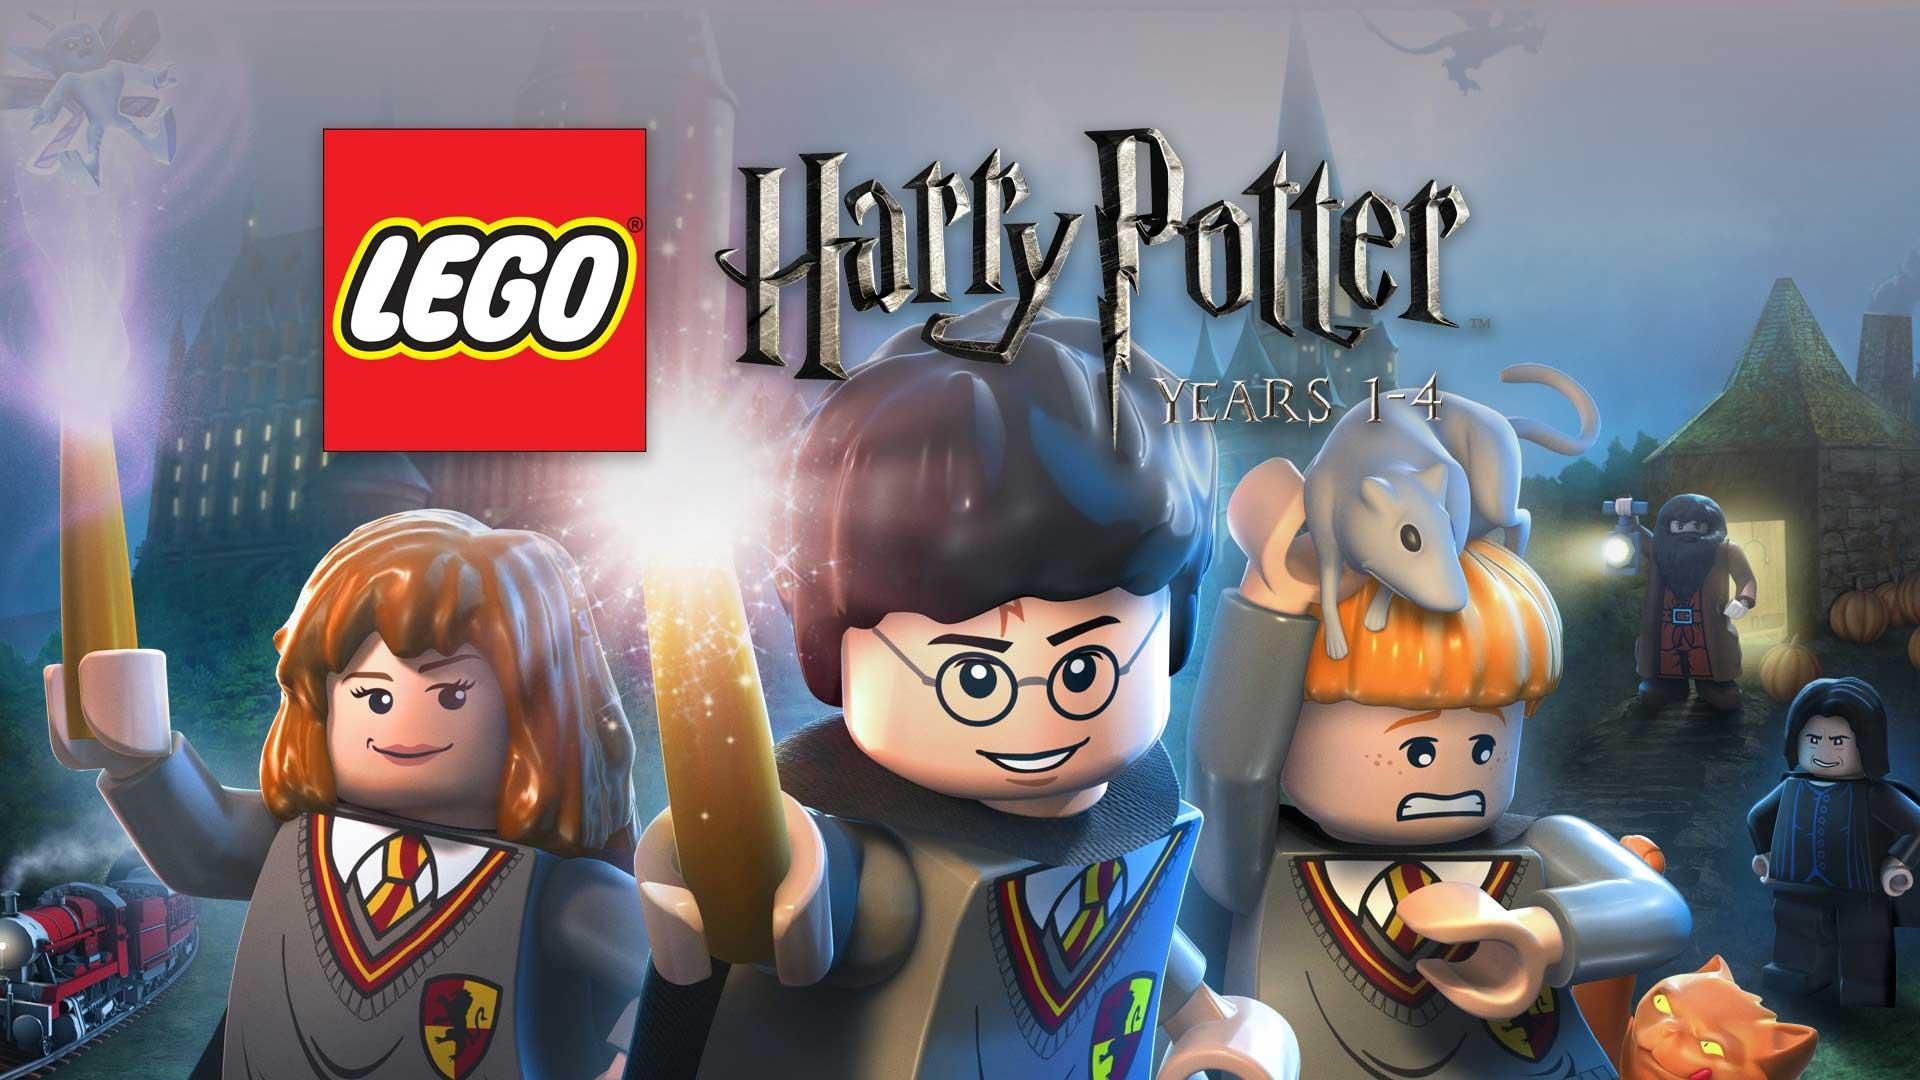 Подробный обзор игры LEGO Harry Potter: Years 1-4 - плюсы и минусы